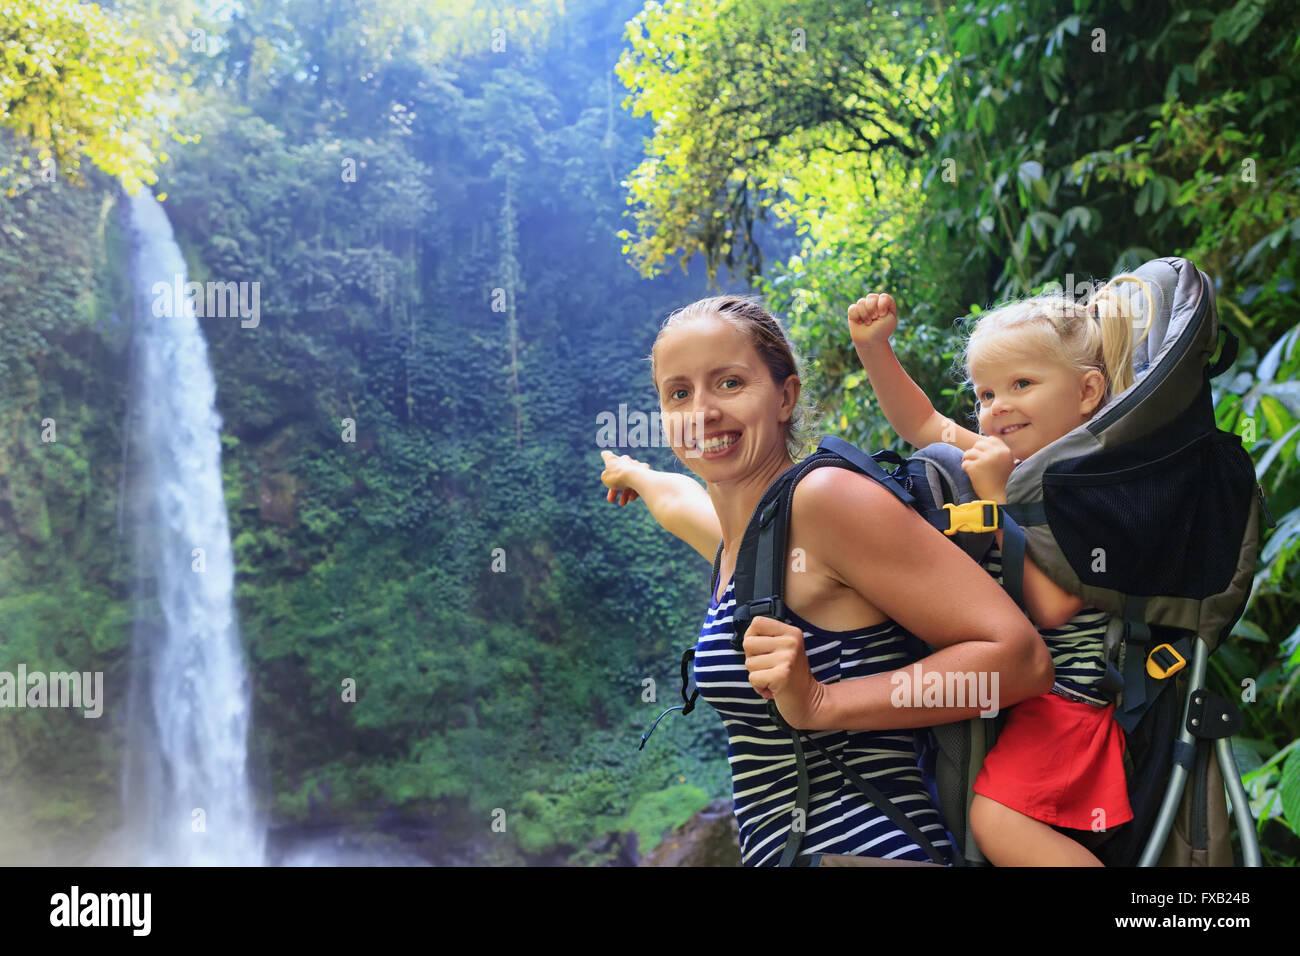 Tenere madre bambina sul retro in zaino porta a piedi nella cascata canyon. Immagini Stock